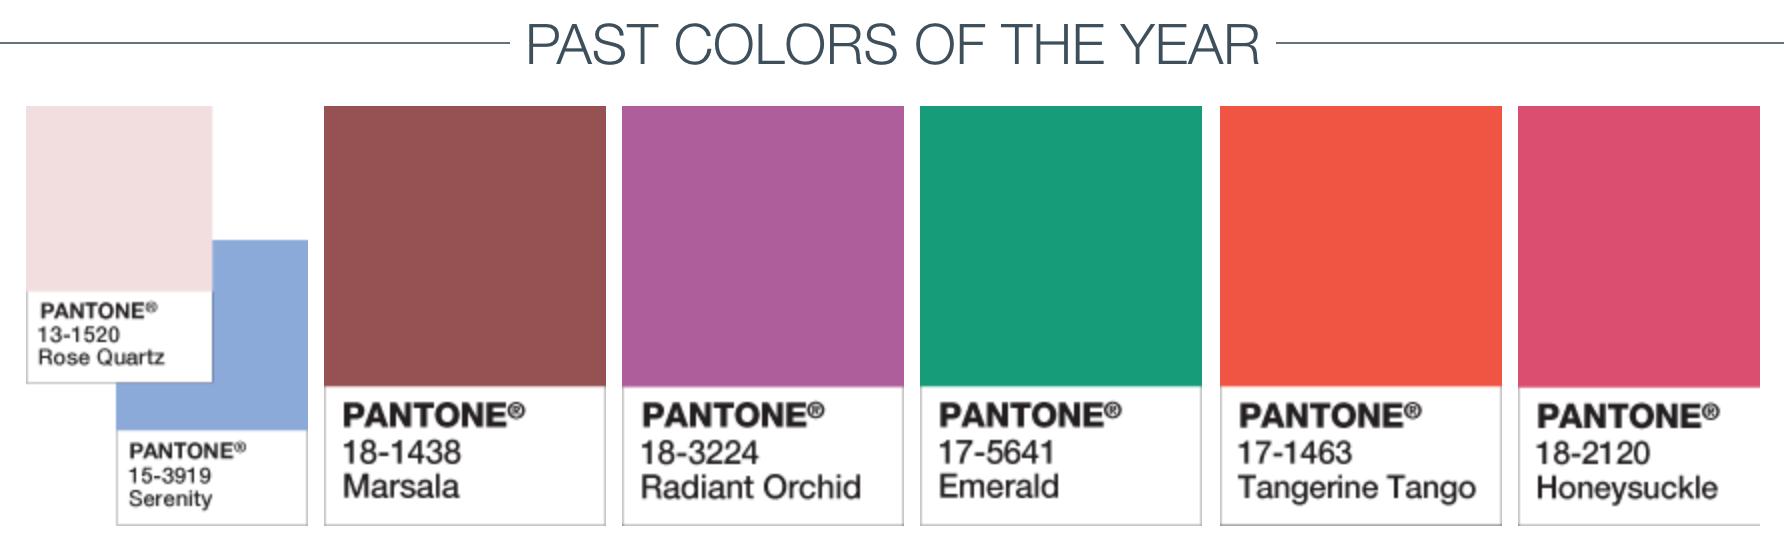 colori-pantone-ultimi-anni